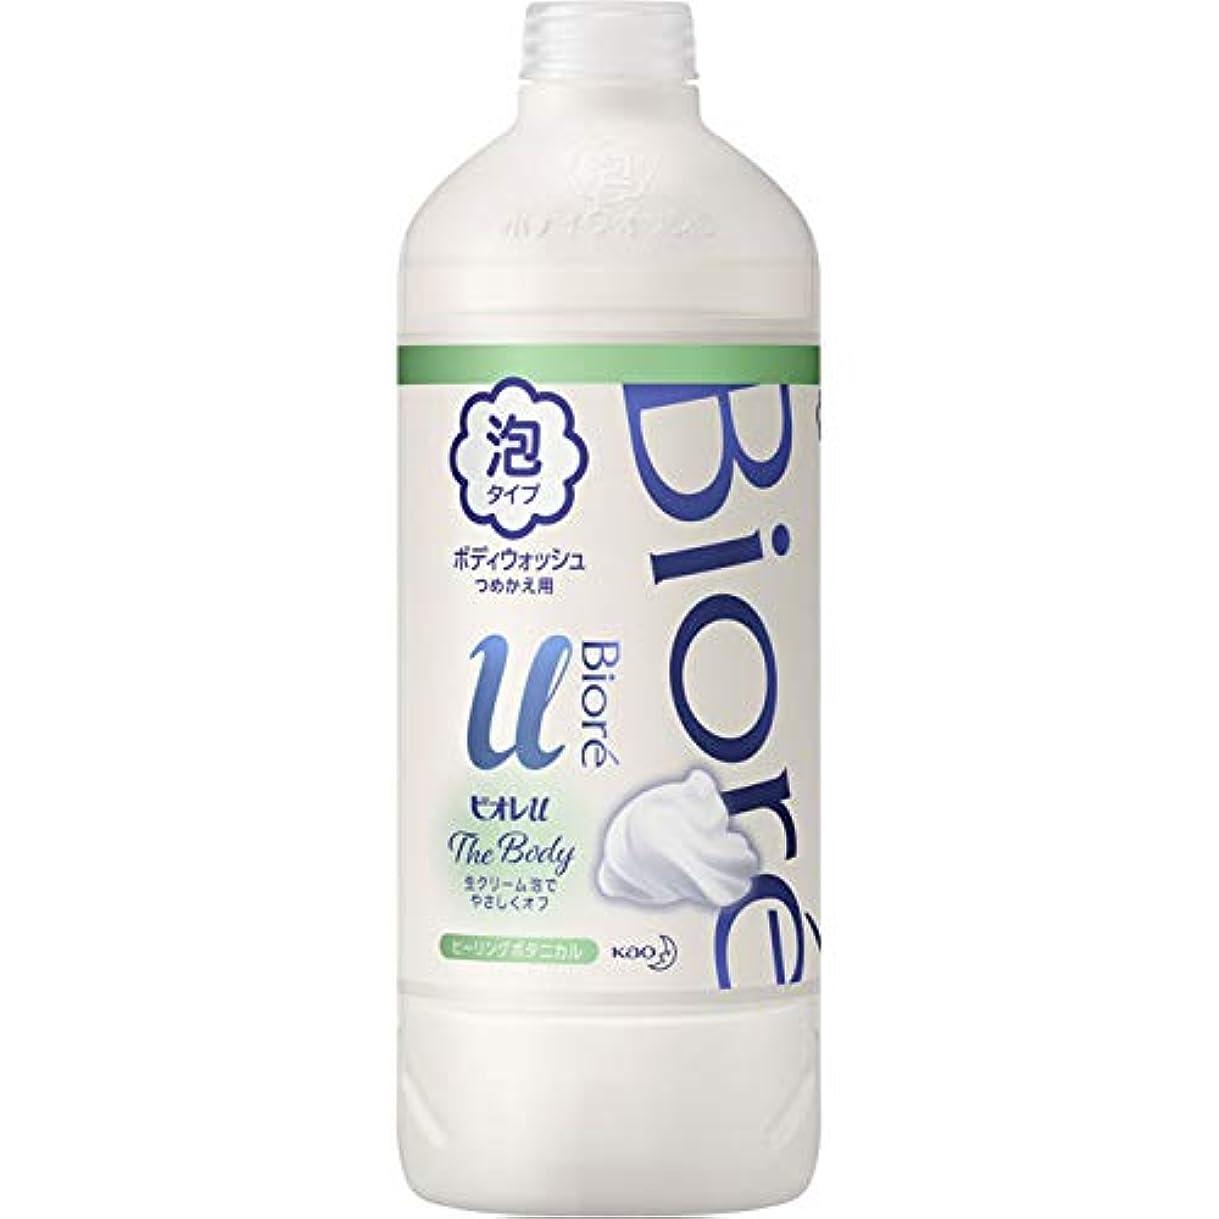 有効化とは異なりピース花王 ビオレu ザ ボディ泡ヒーリングボタニカルの香り 詰替え用 450ml